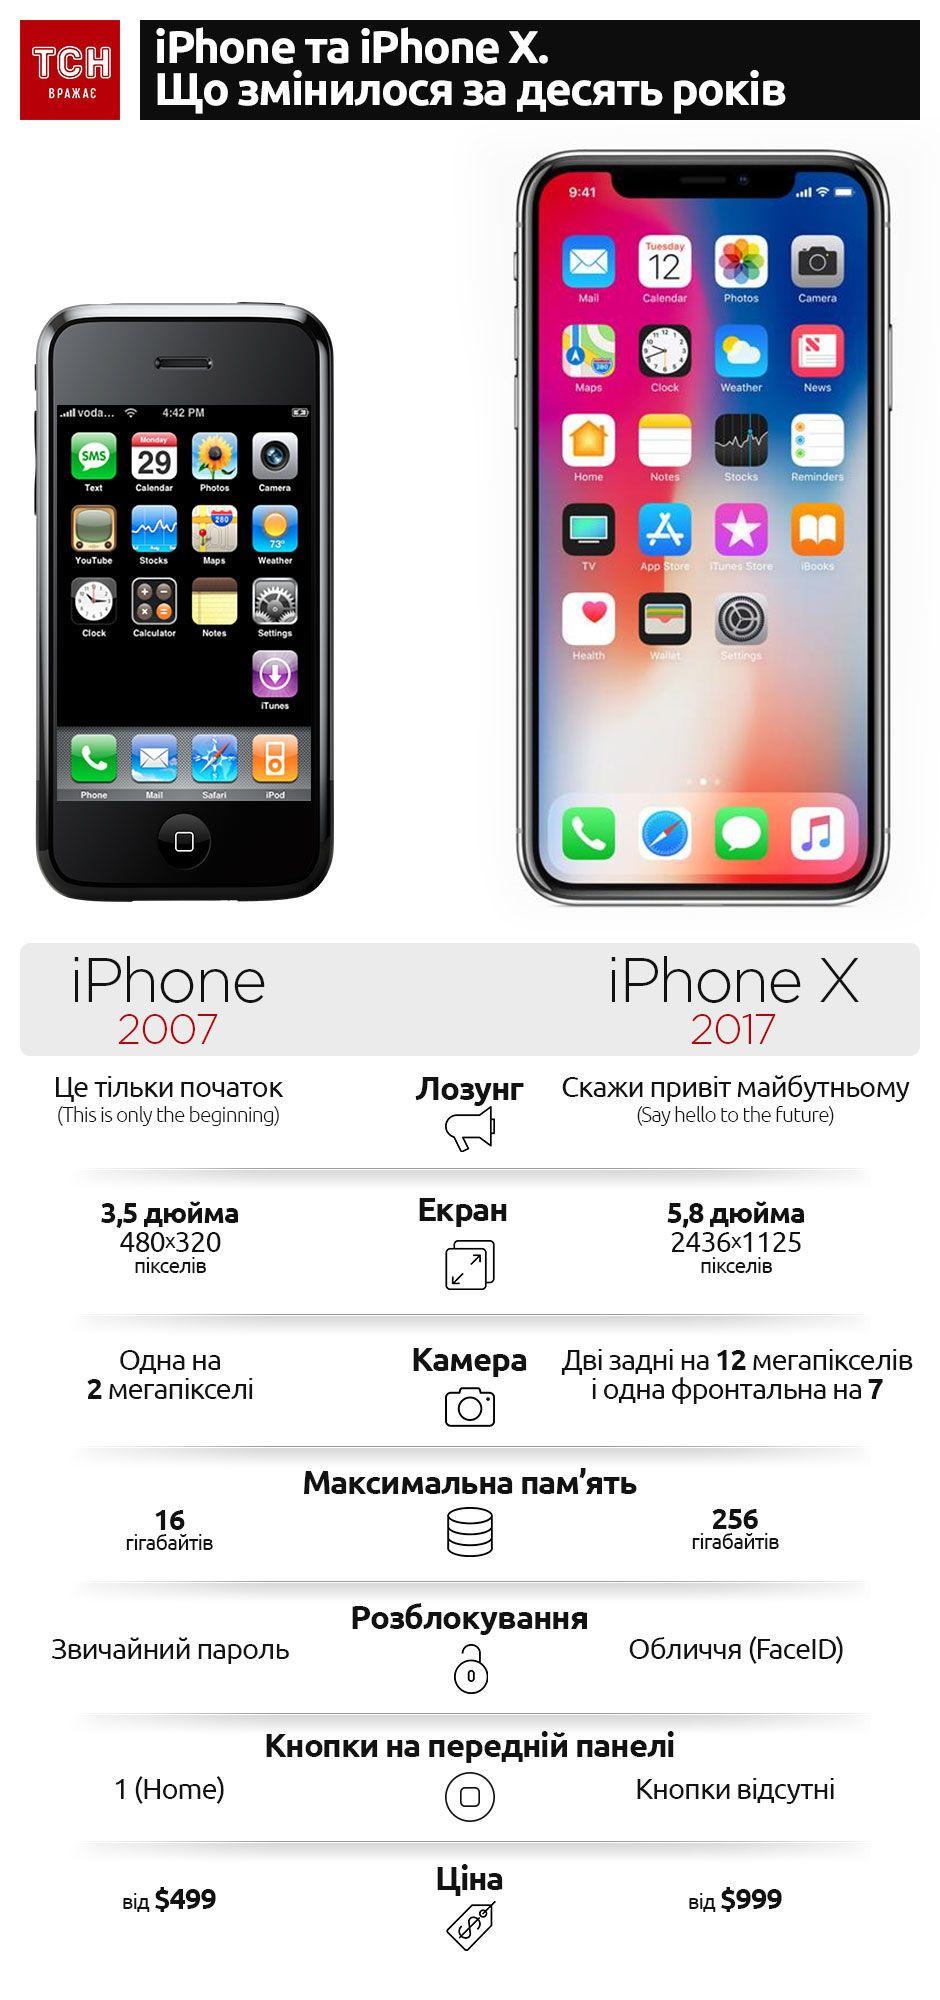 iPhone та iPhone X. Що змінилося за десять років. Інфографіка